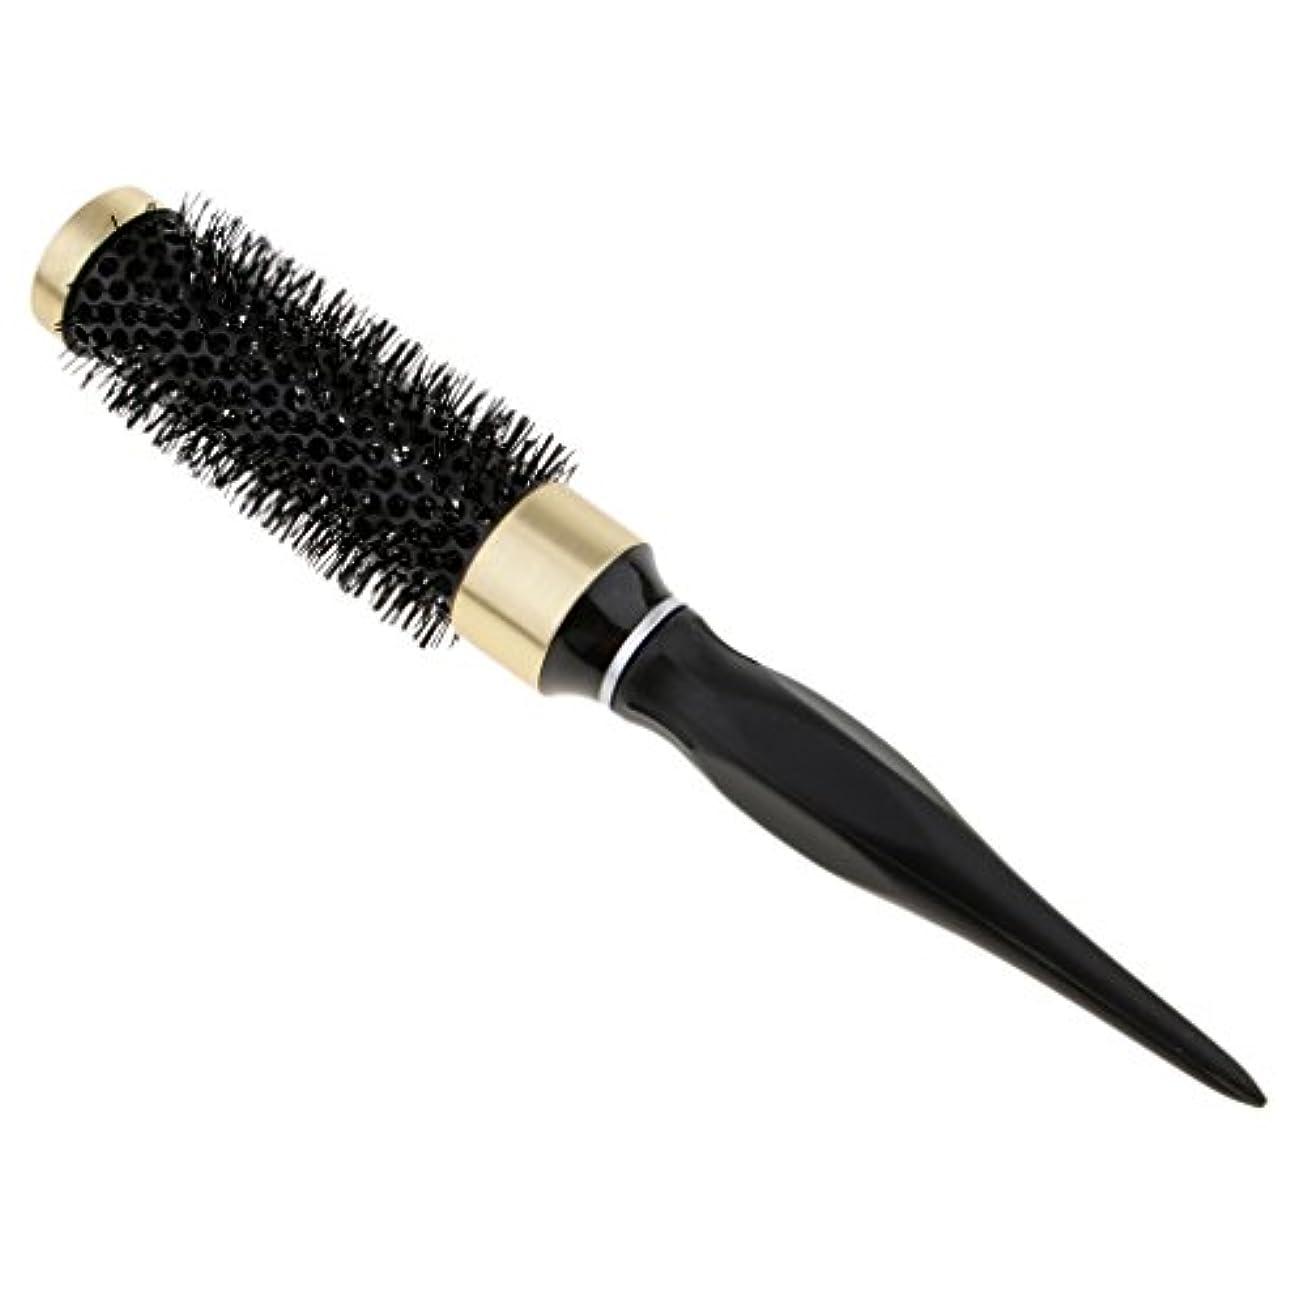 Kesoto ロールブラシ 耐熱仕様 ブロー カール 巻き髪 ヘアブラシ 櫛 全5サイズ - 32mm